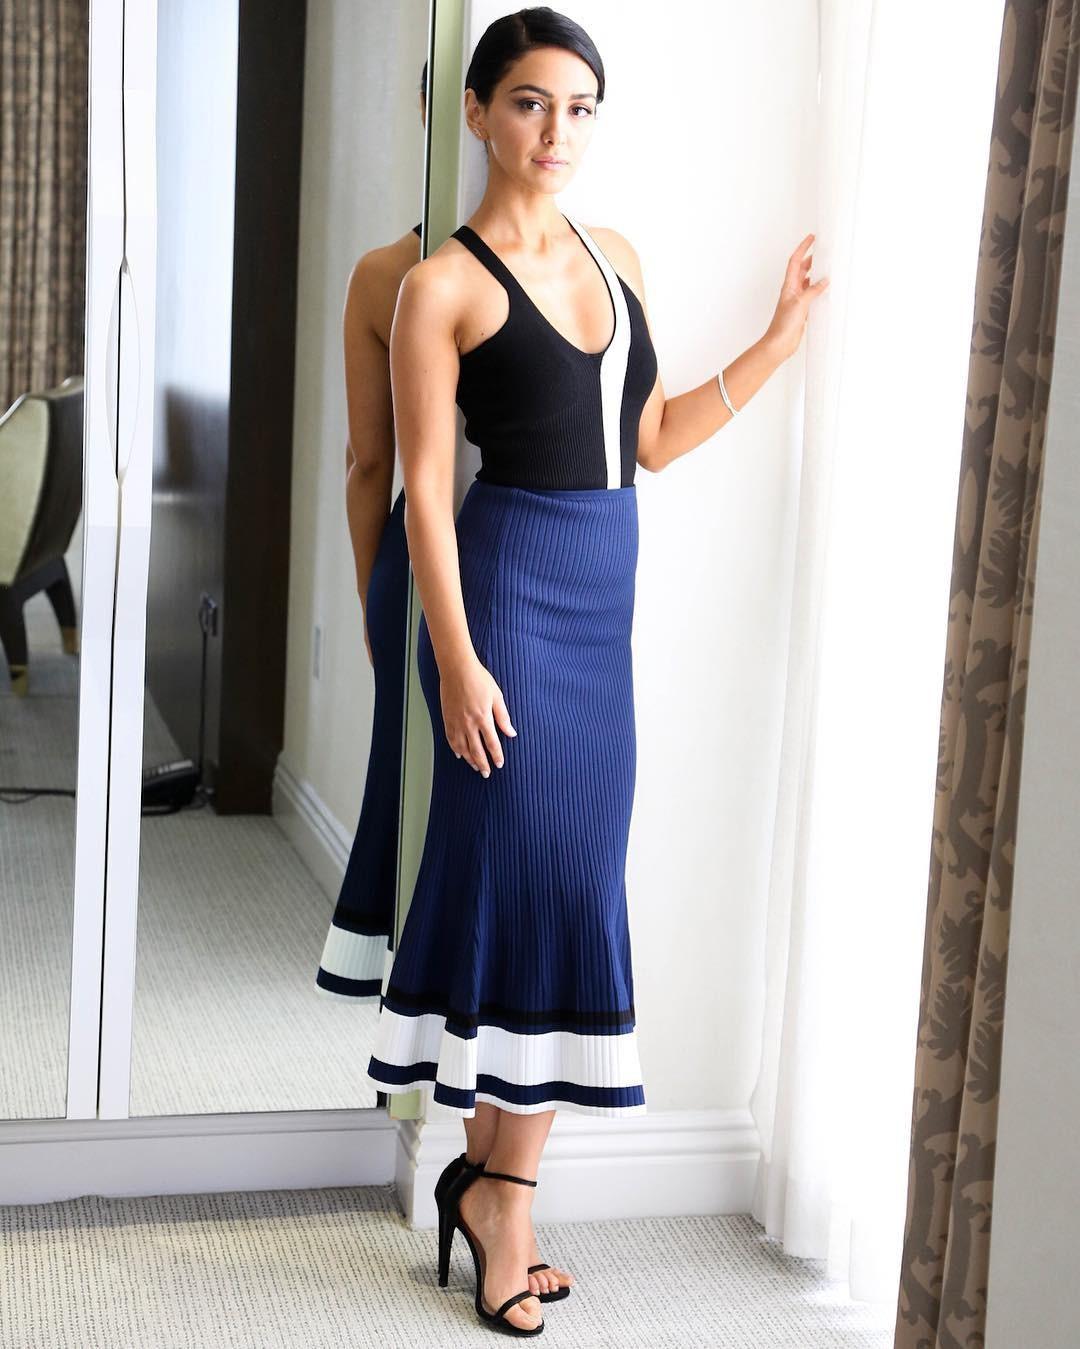 Nazanin Boniadi Hot